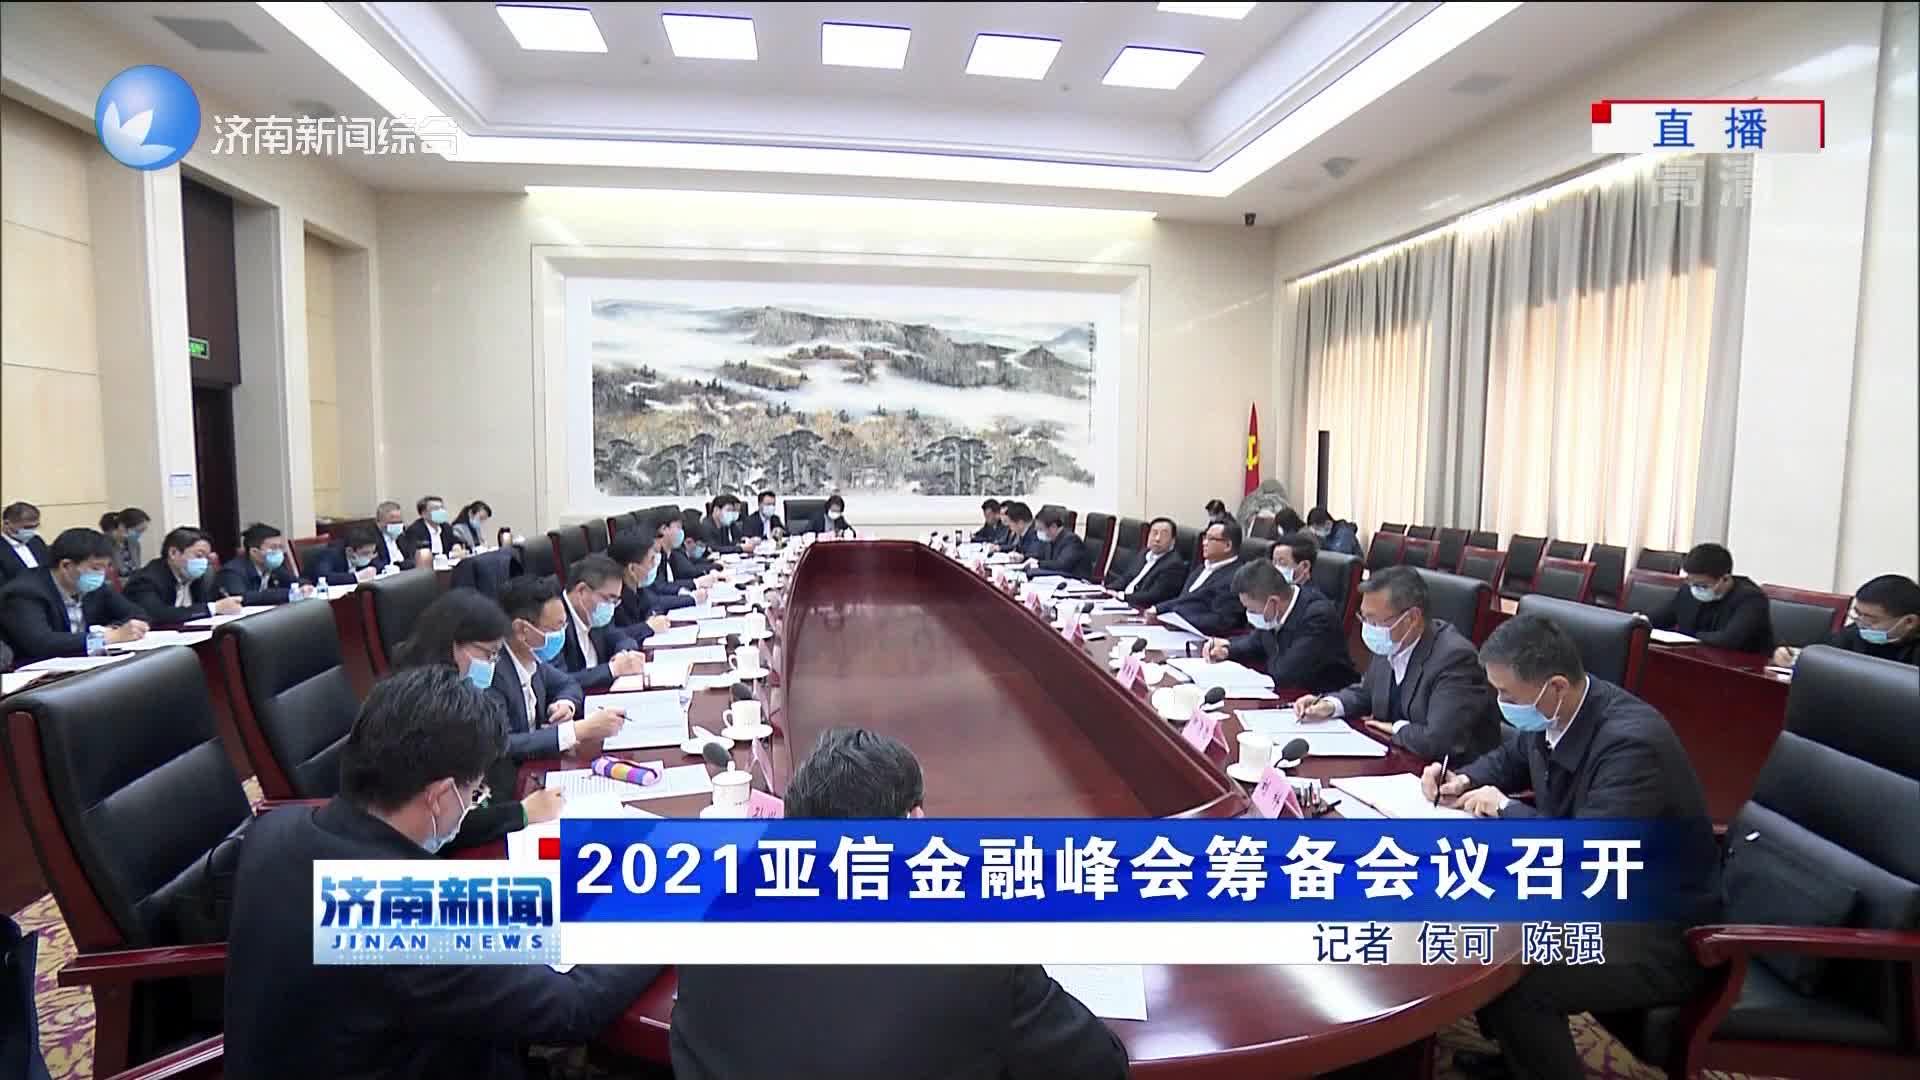 2021亚信金融峰会筹备会议召开